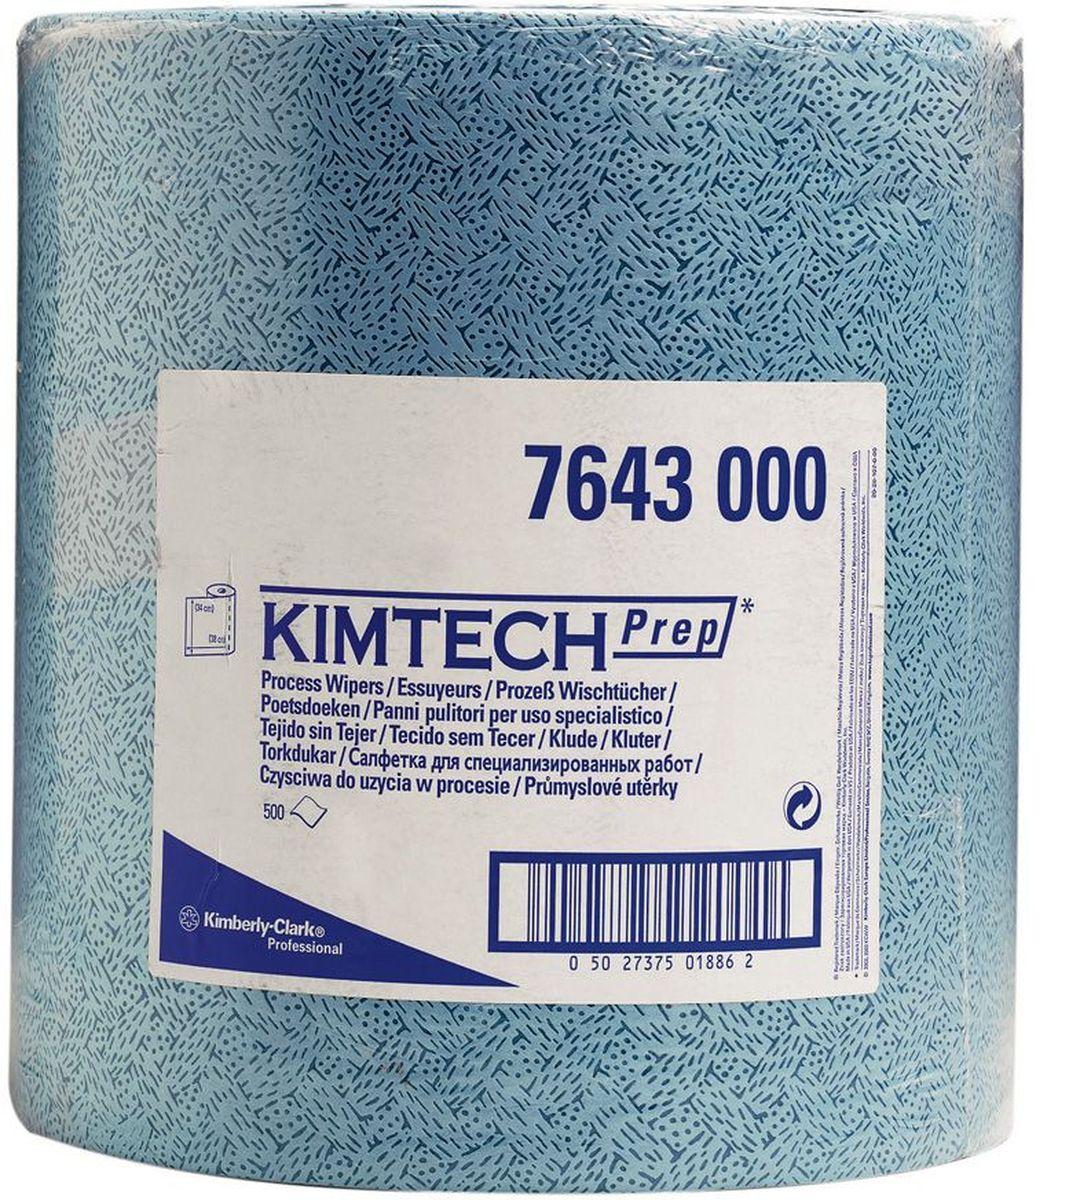 Салфетки Kimtech, 500 шт. 76437643Салфетки Kimtech, выполненные из полипропилена, предназначены для обезжиривания и подготовки поверхностей к дальнейшей обработки. Полипропилен - материал безворсовый, прочный, поэтому салфетки можно использовать с растворителями. Они прекрасно впитывают большое количество любой жидкости и подходят для применения в чистых помещениях. класса C-D (ISO 7-8).